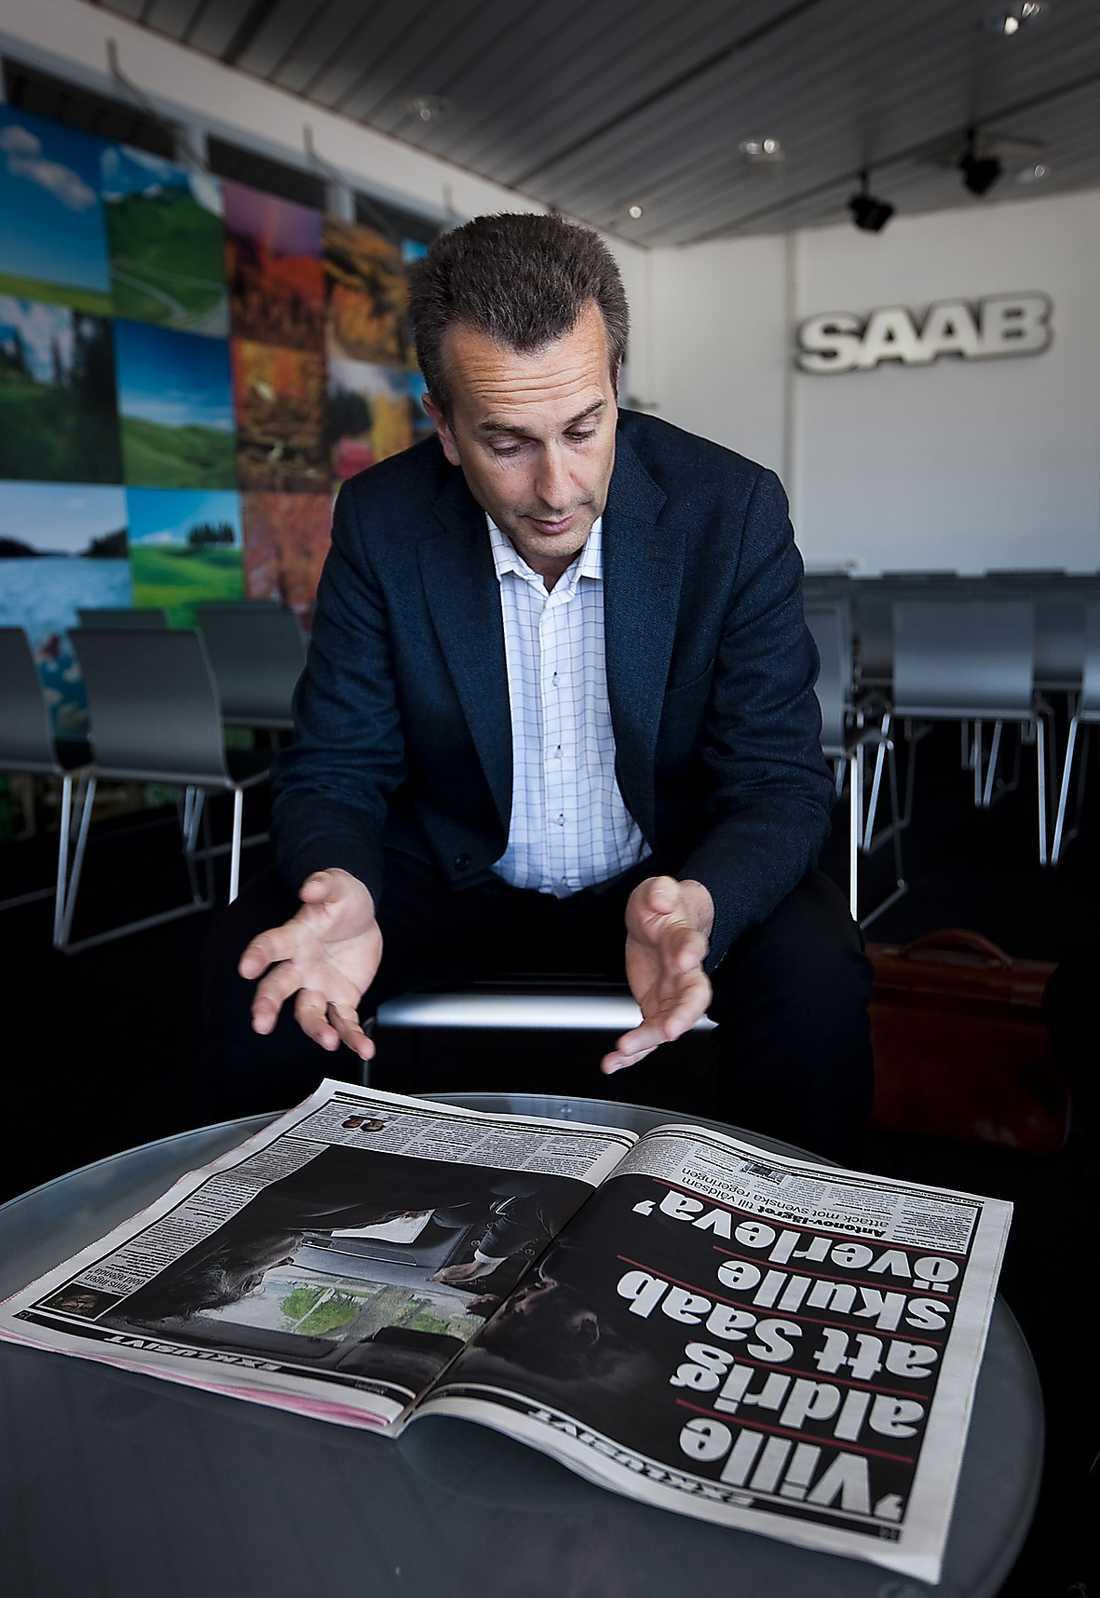 FÖRVÅNAD  Gunnar Brunius, inköps- och produktionsdirektör på Saab, reagerar med förvåning när han läser Carlströms attack.